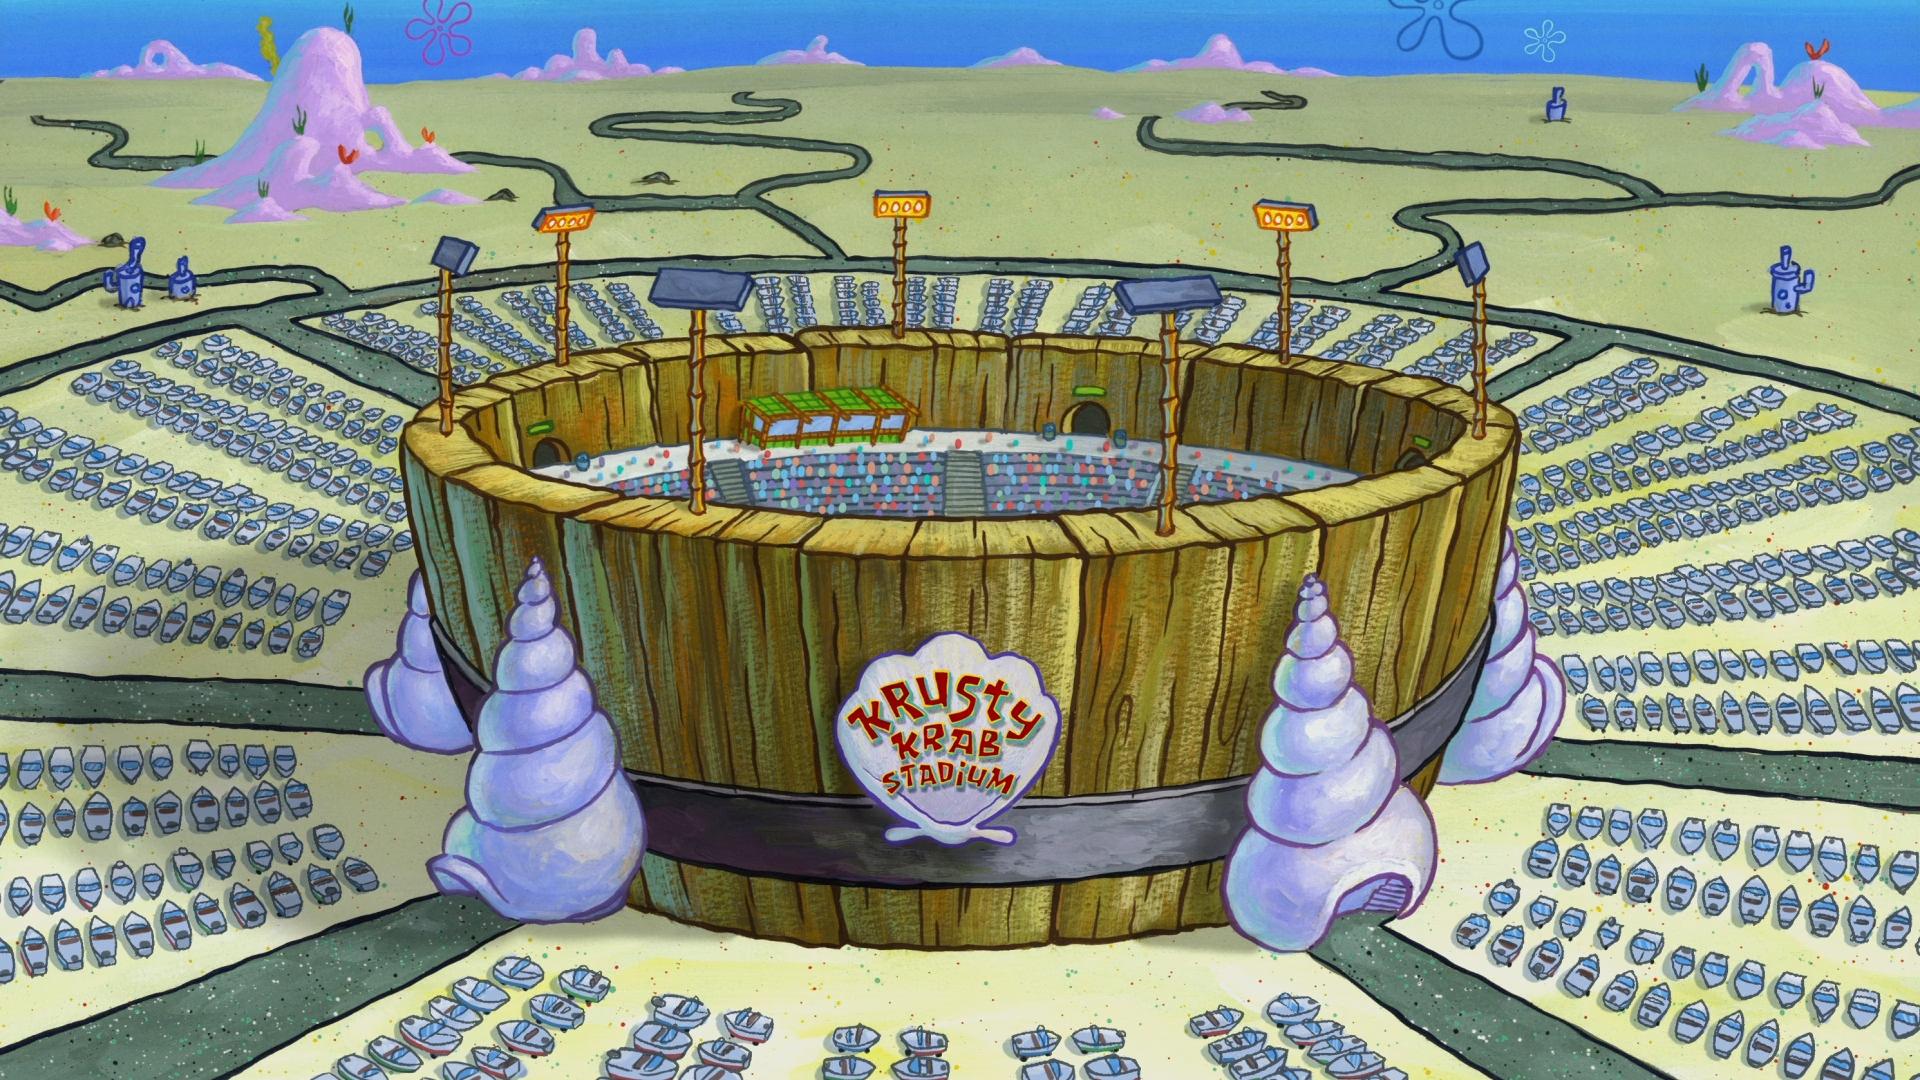 Krusty Krab Stadium